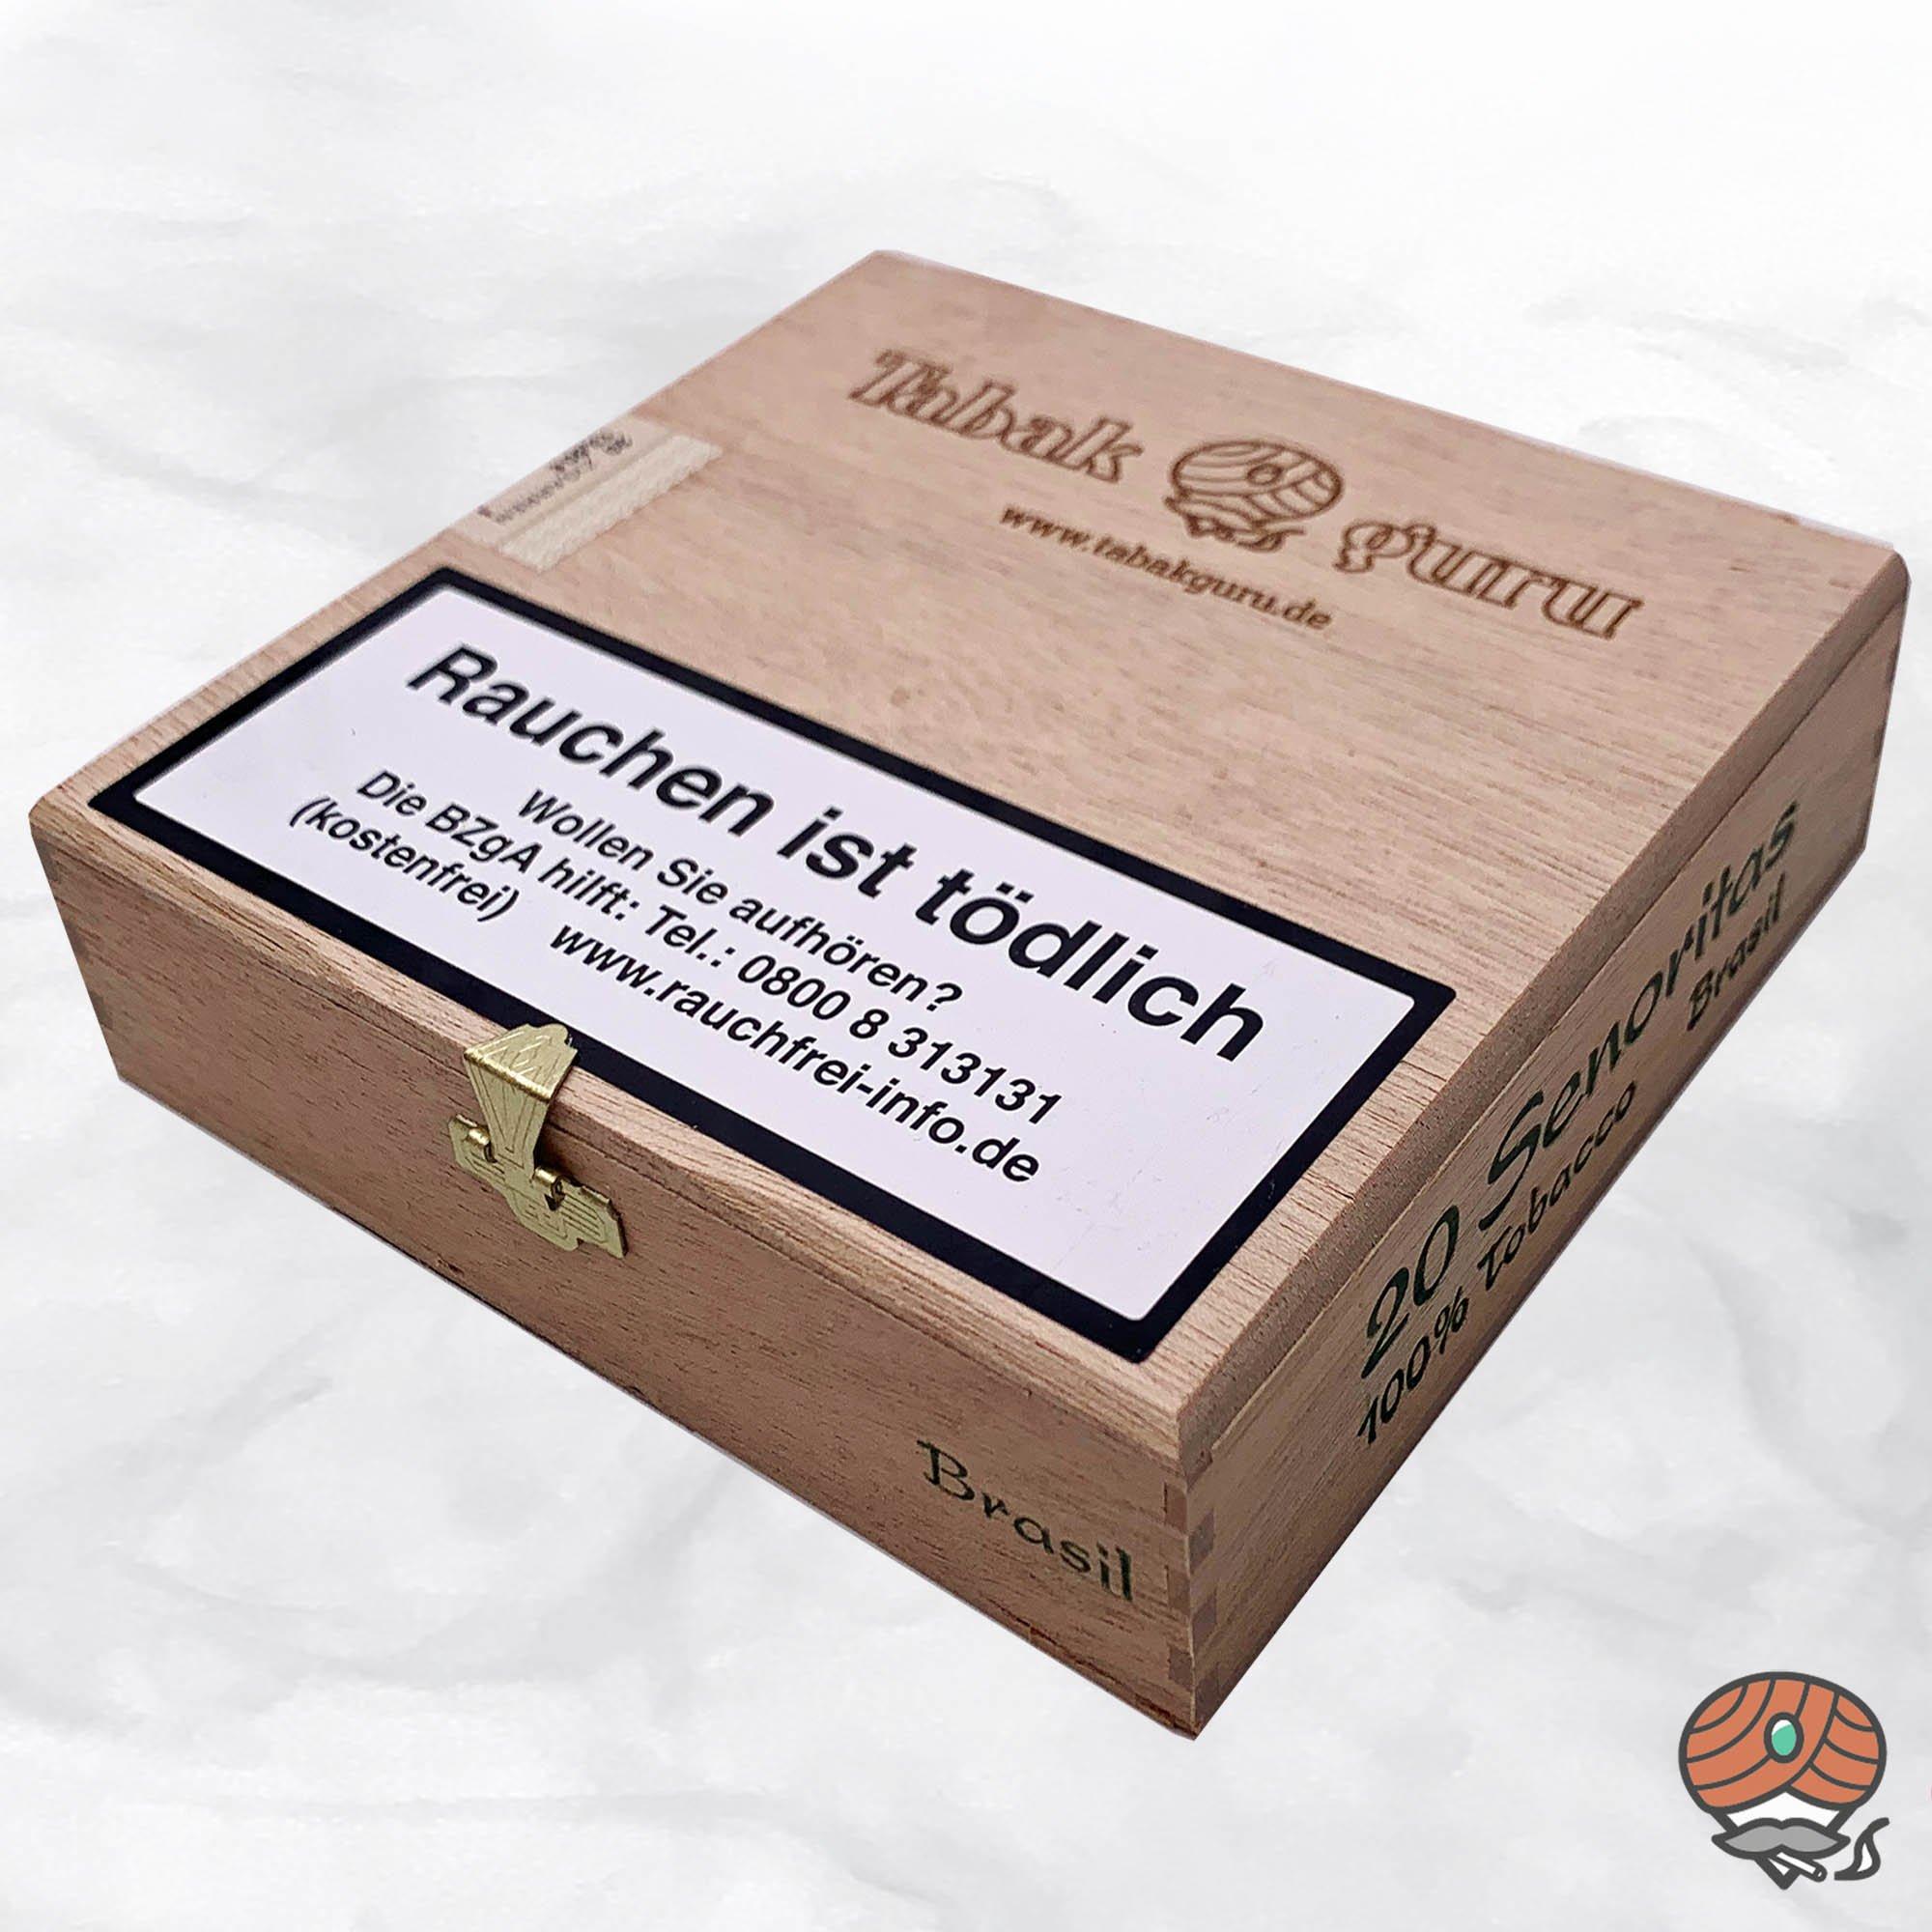 20 Tabakguru Senoritas Brasil Zigarren 100 % Tabak